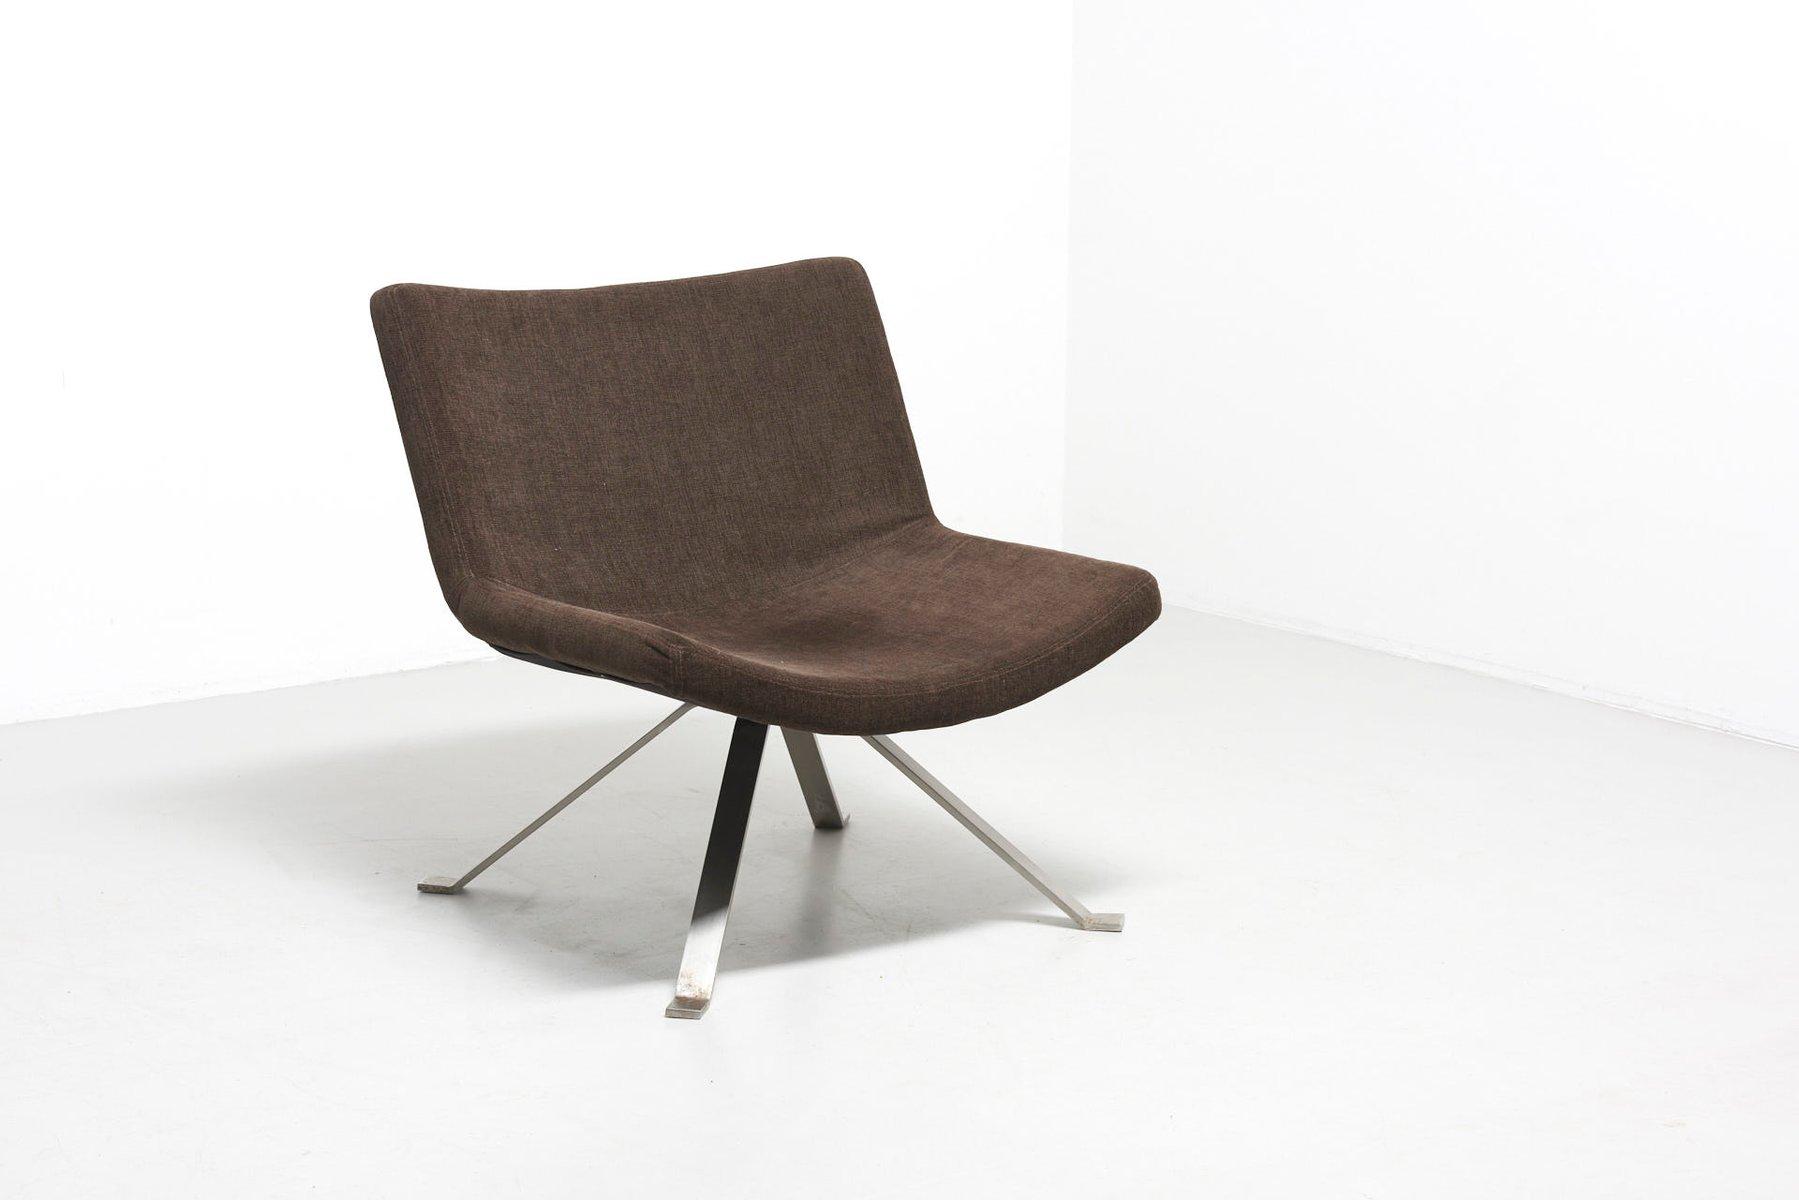 mid century sessel mit flachen stahlbeinen bei pamono kaufen. Black Bedroom Furniture Sets. Home Design Ideas